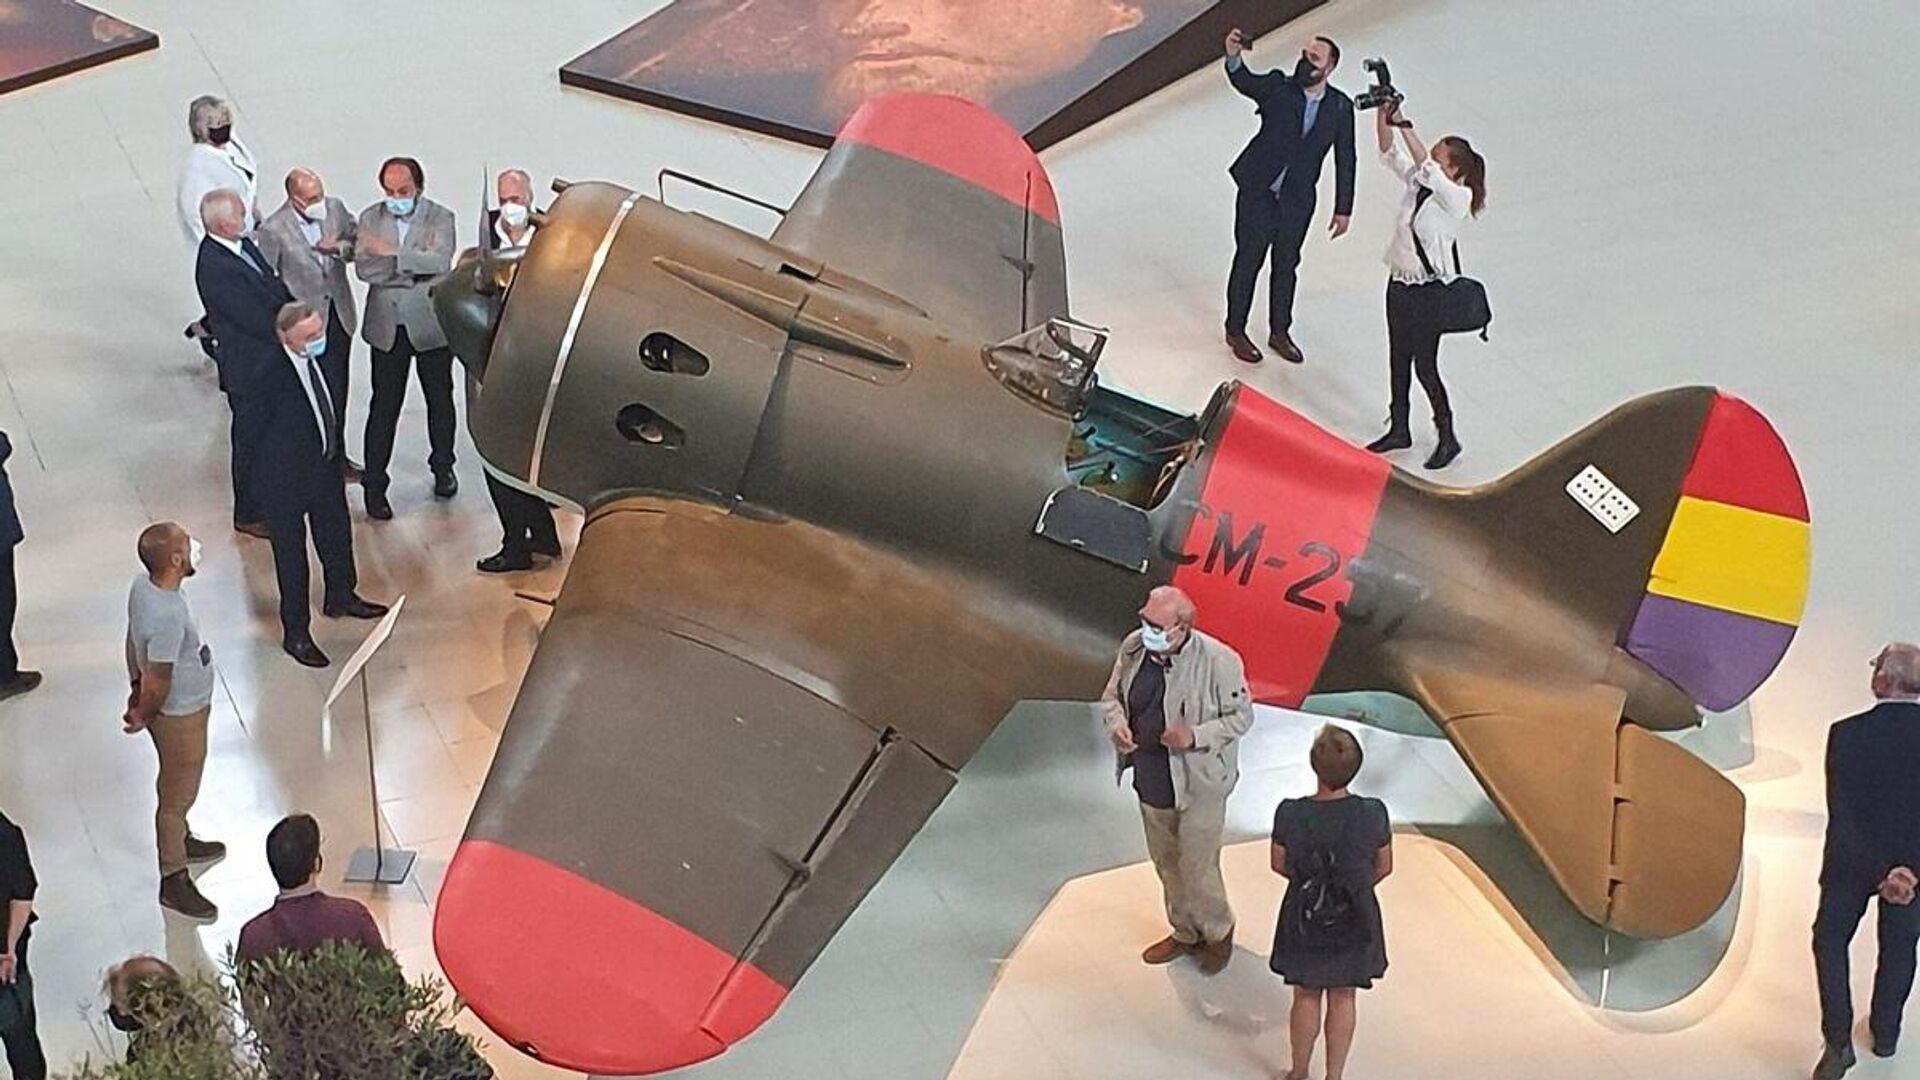 El Museo Nacional de Cataluña expone dos réplicas de aviones soviéticos de la Guerra Civil - Sputnik Mundo, 1920, 16.07.2021